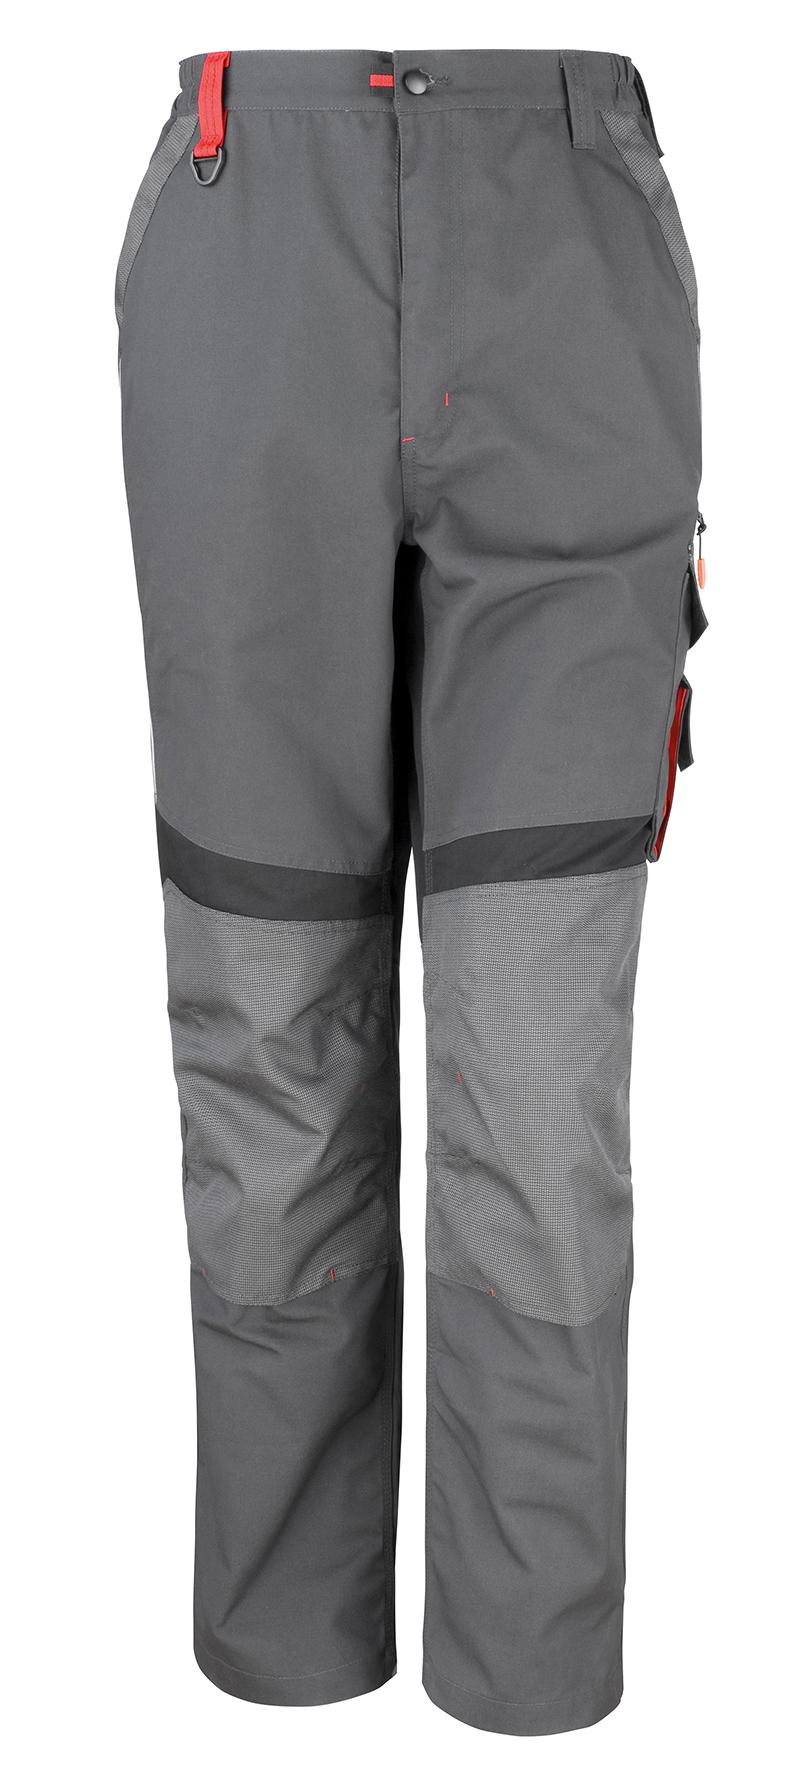 Resultado para hombres Comfort Fit Protectora Varios Bolsillos durable Cargo Pantalones durable Bolsillos Workwear ef6e58